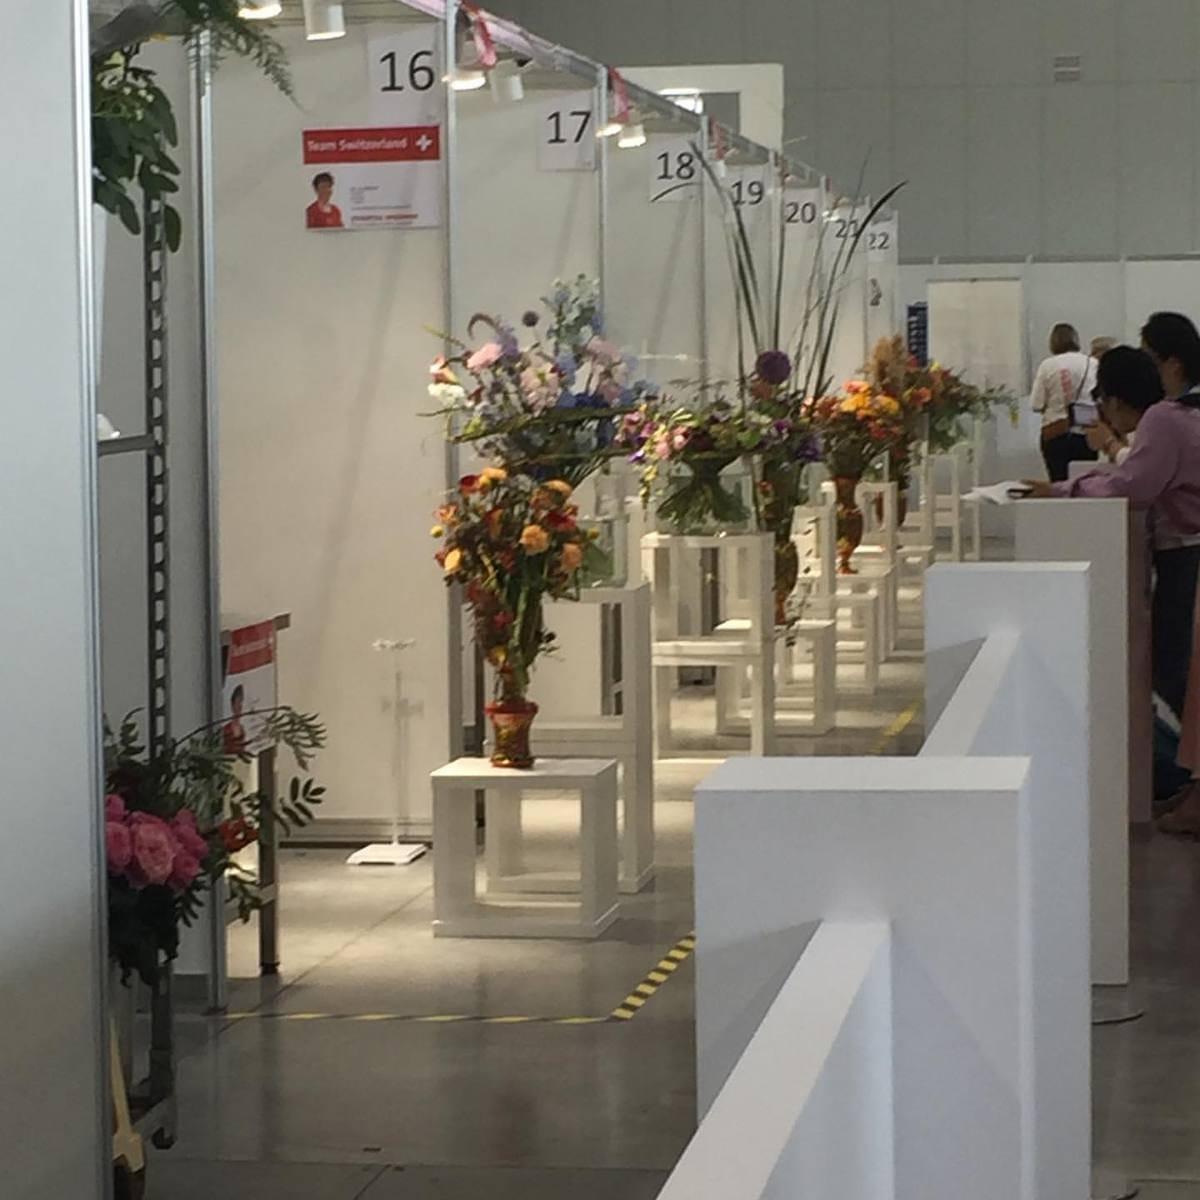 So sieht es am Stand von Skill 28 aus, wo die Floristin Ines Senft heute vormittag schon fleißig war.